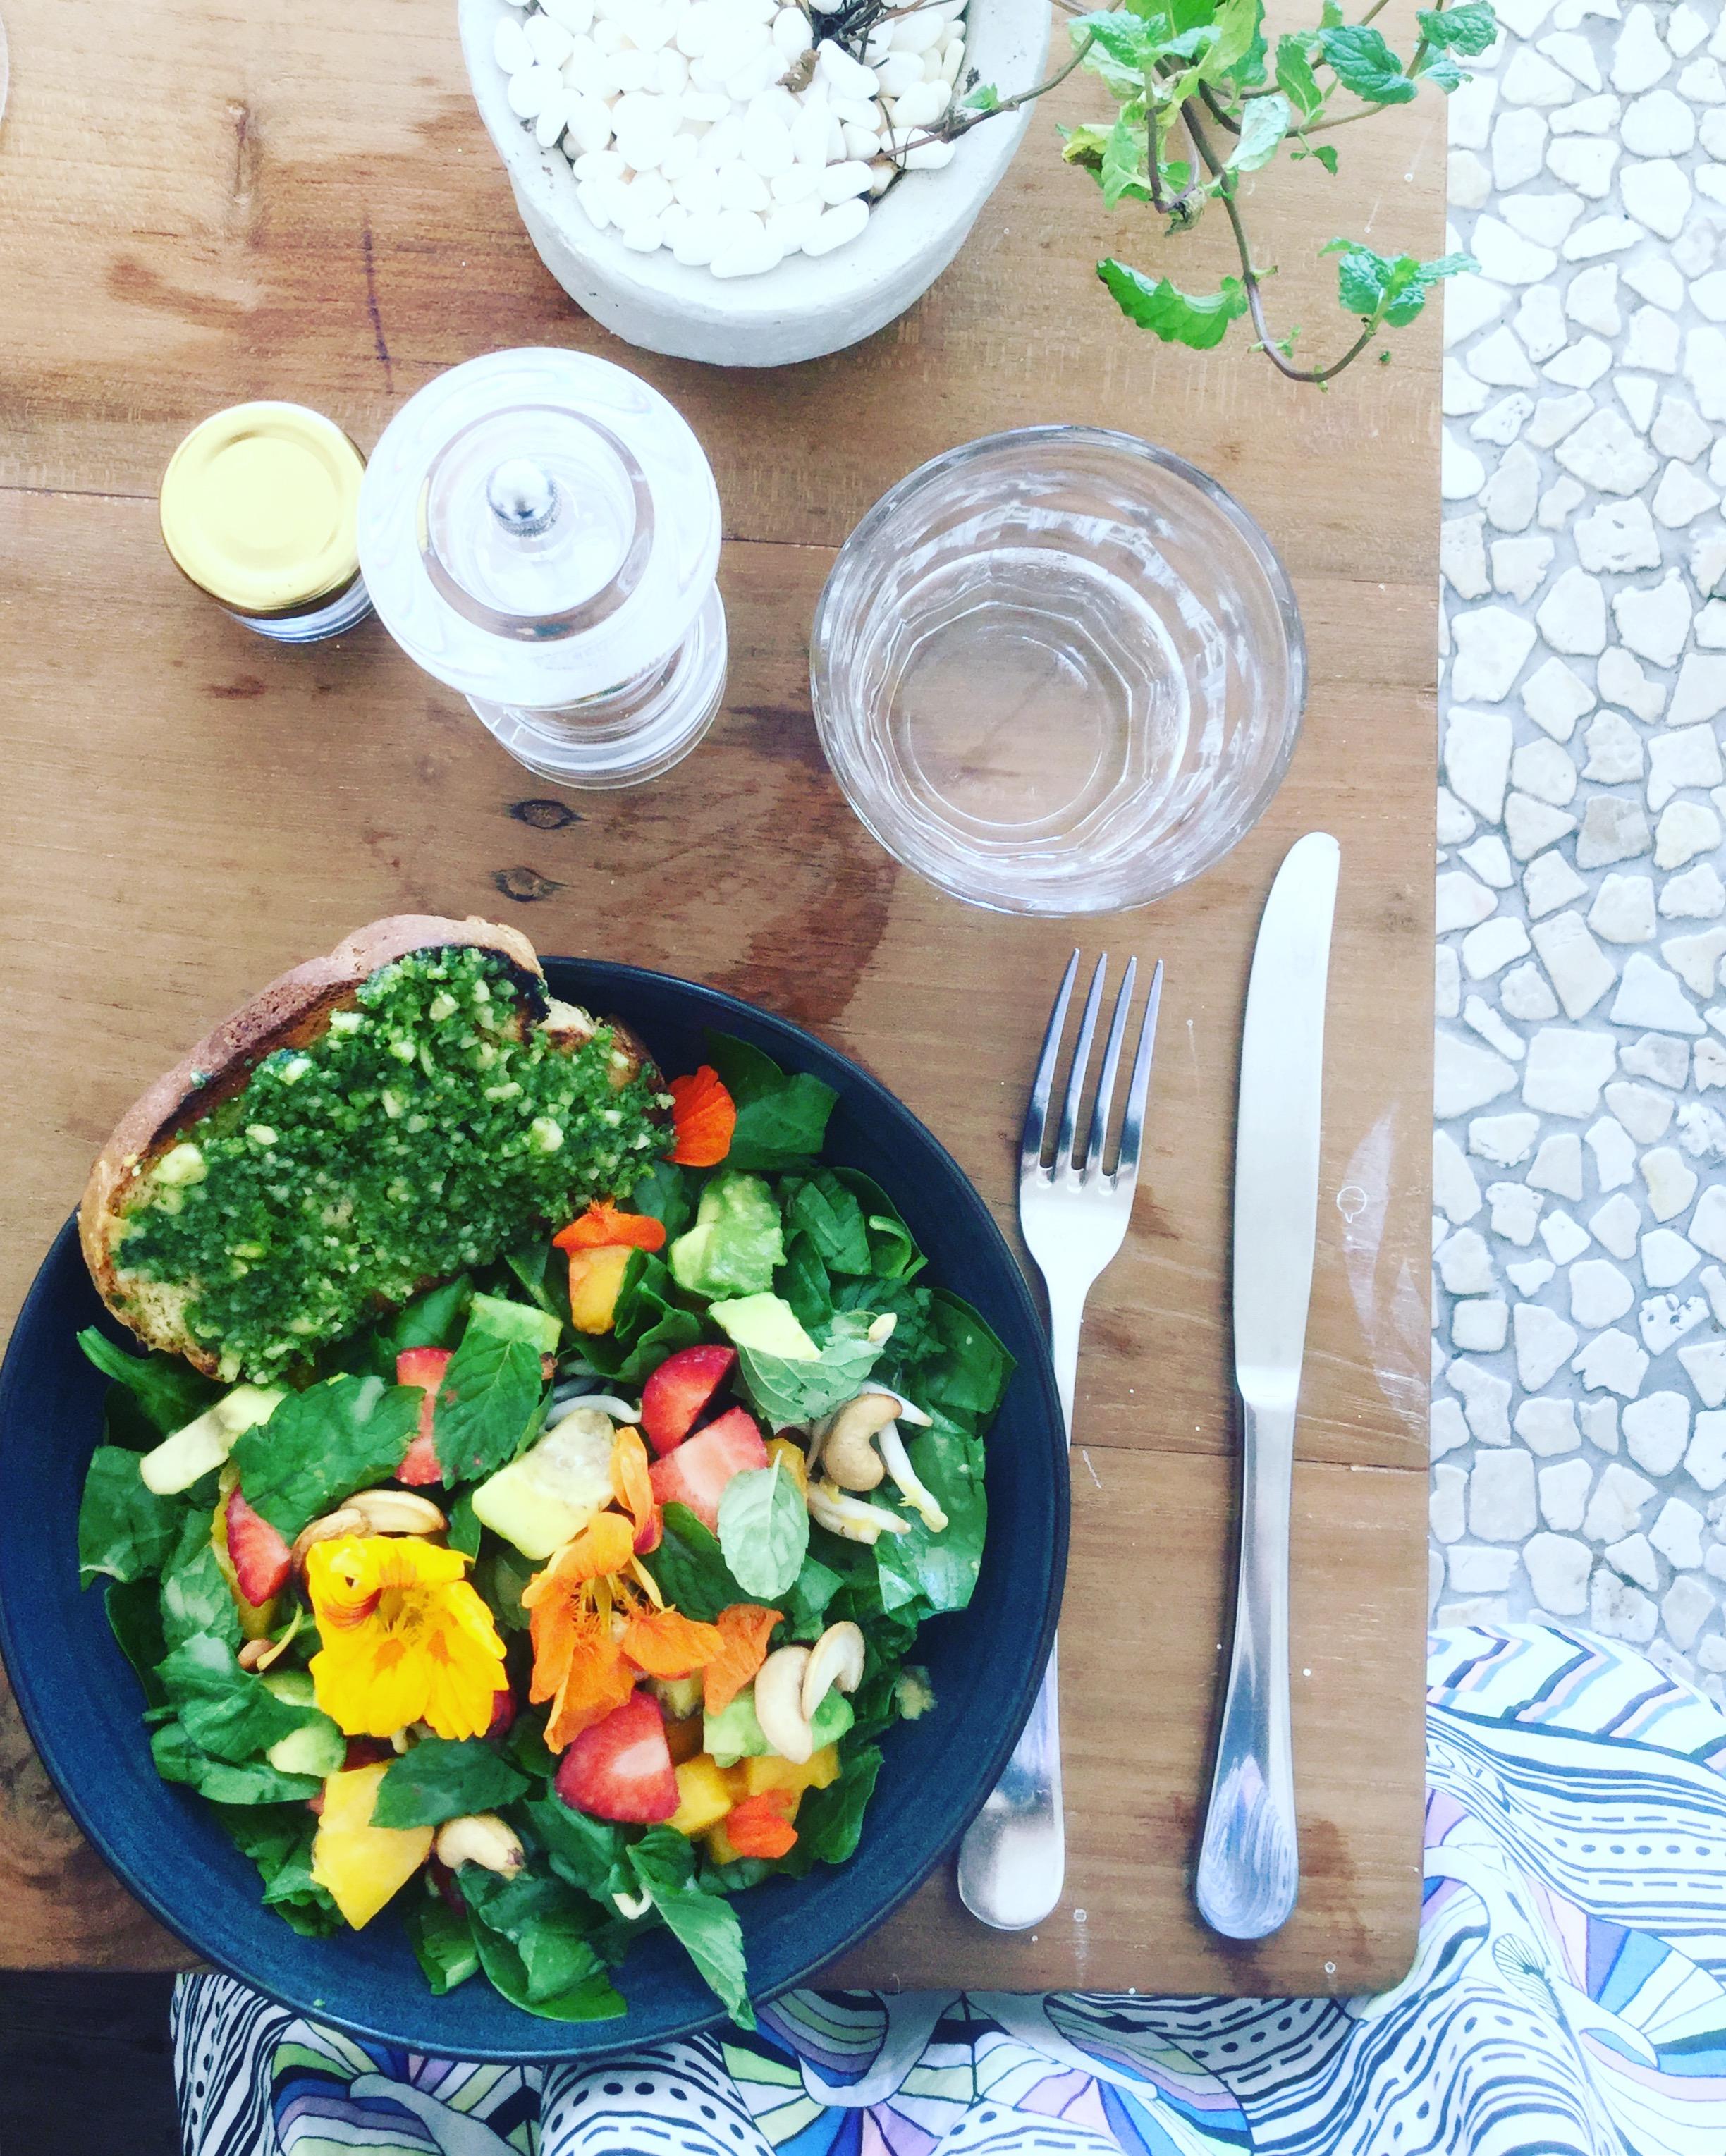 vegan food, bali